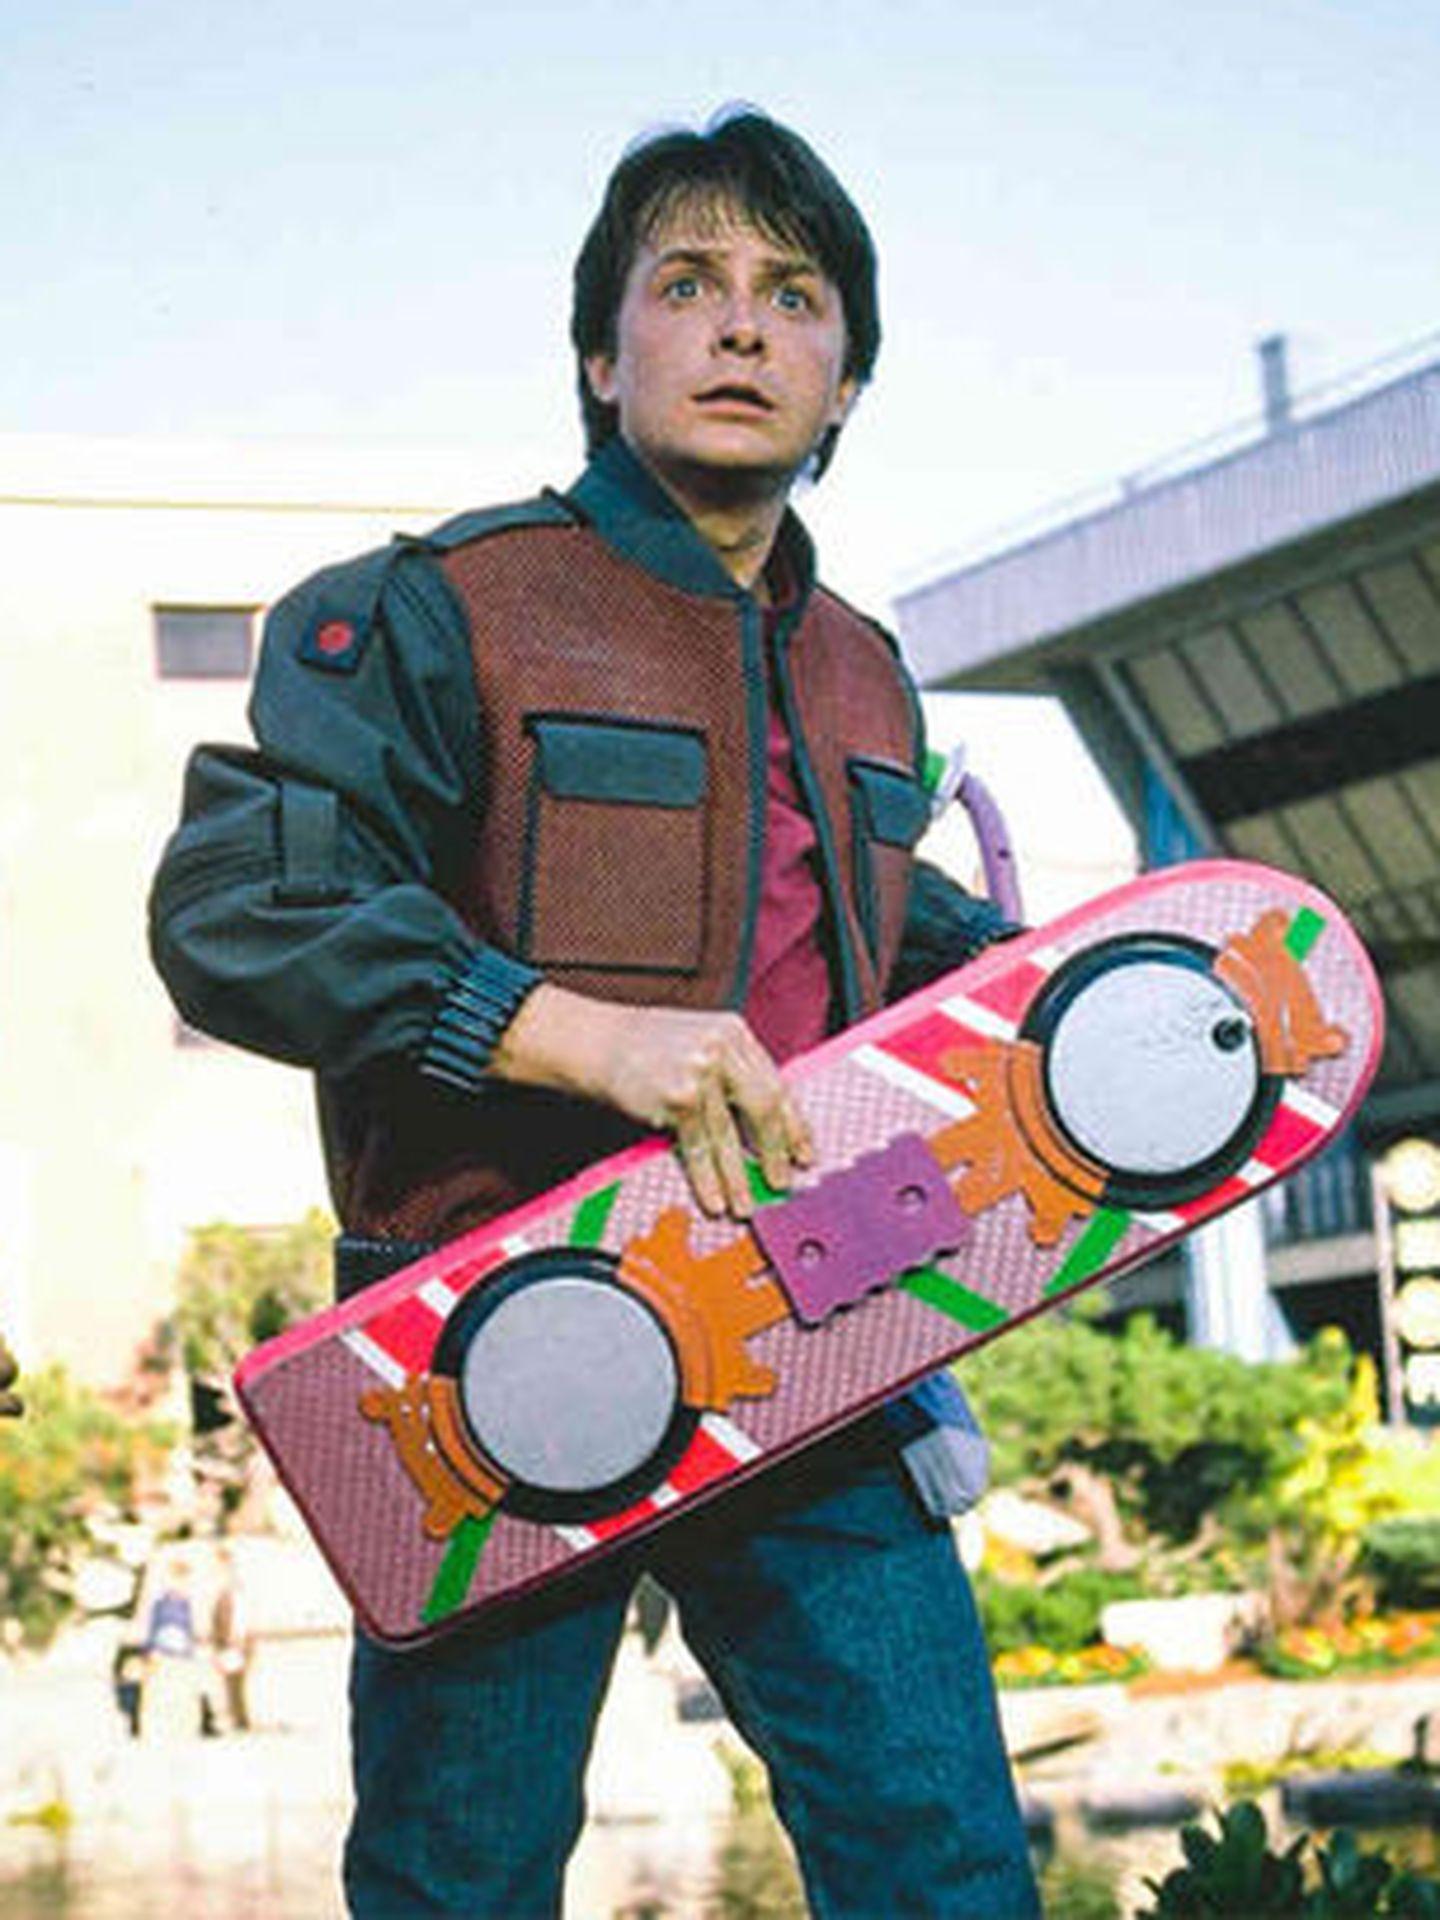 Marty McFly volaba con este patinete en 'Regreso al futuro'